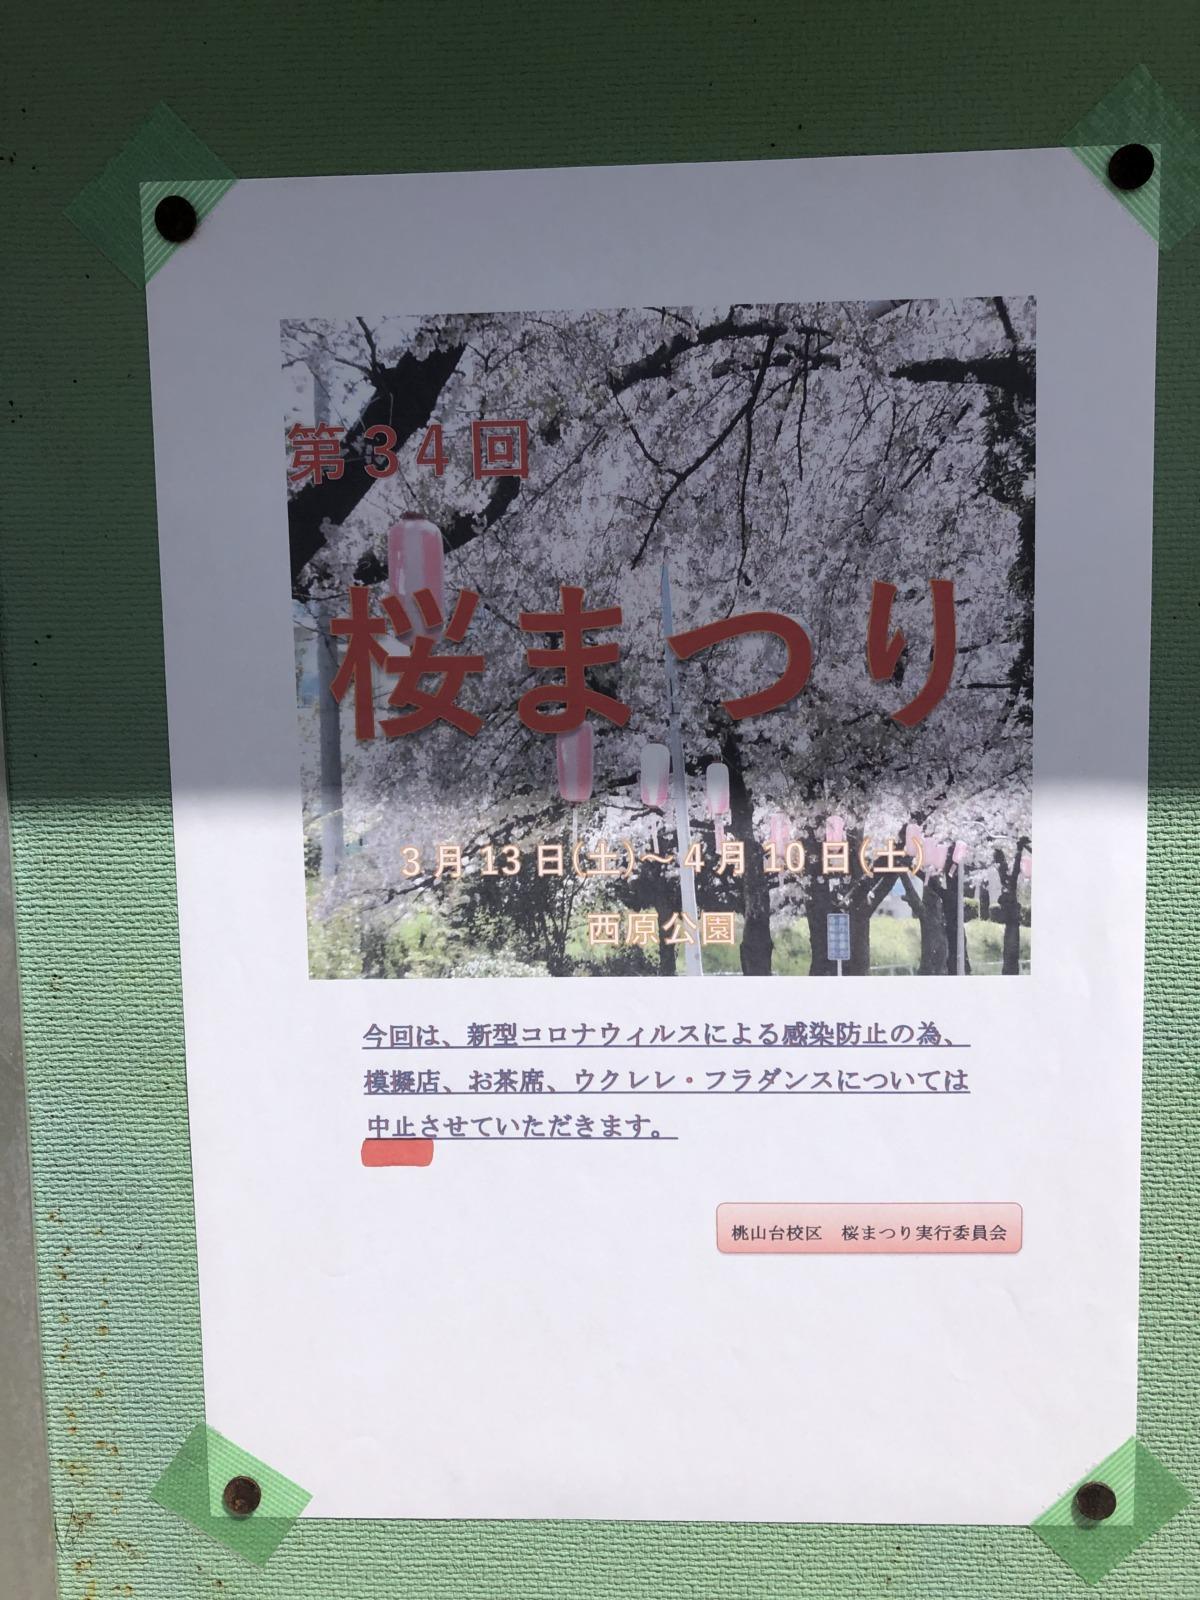 【2021.4/10(土)まで開催中!】堺市南区・西原公園で『第34回 桜まつり』が開催してるよ~!: